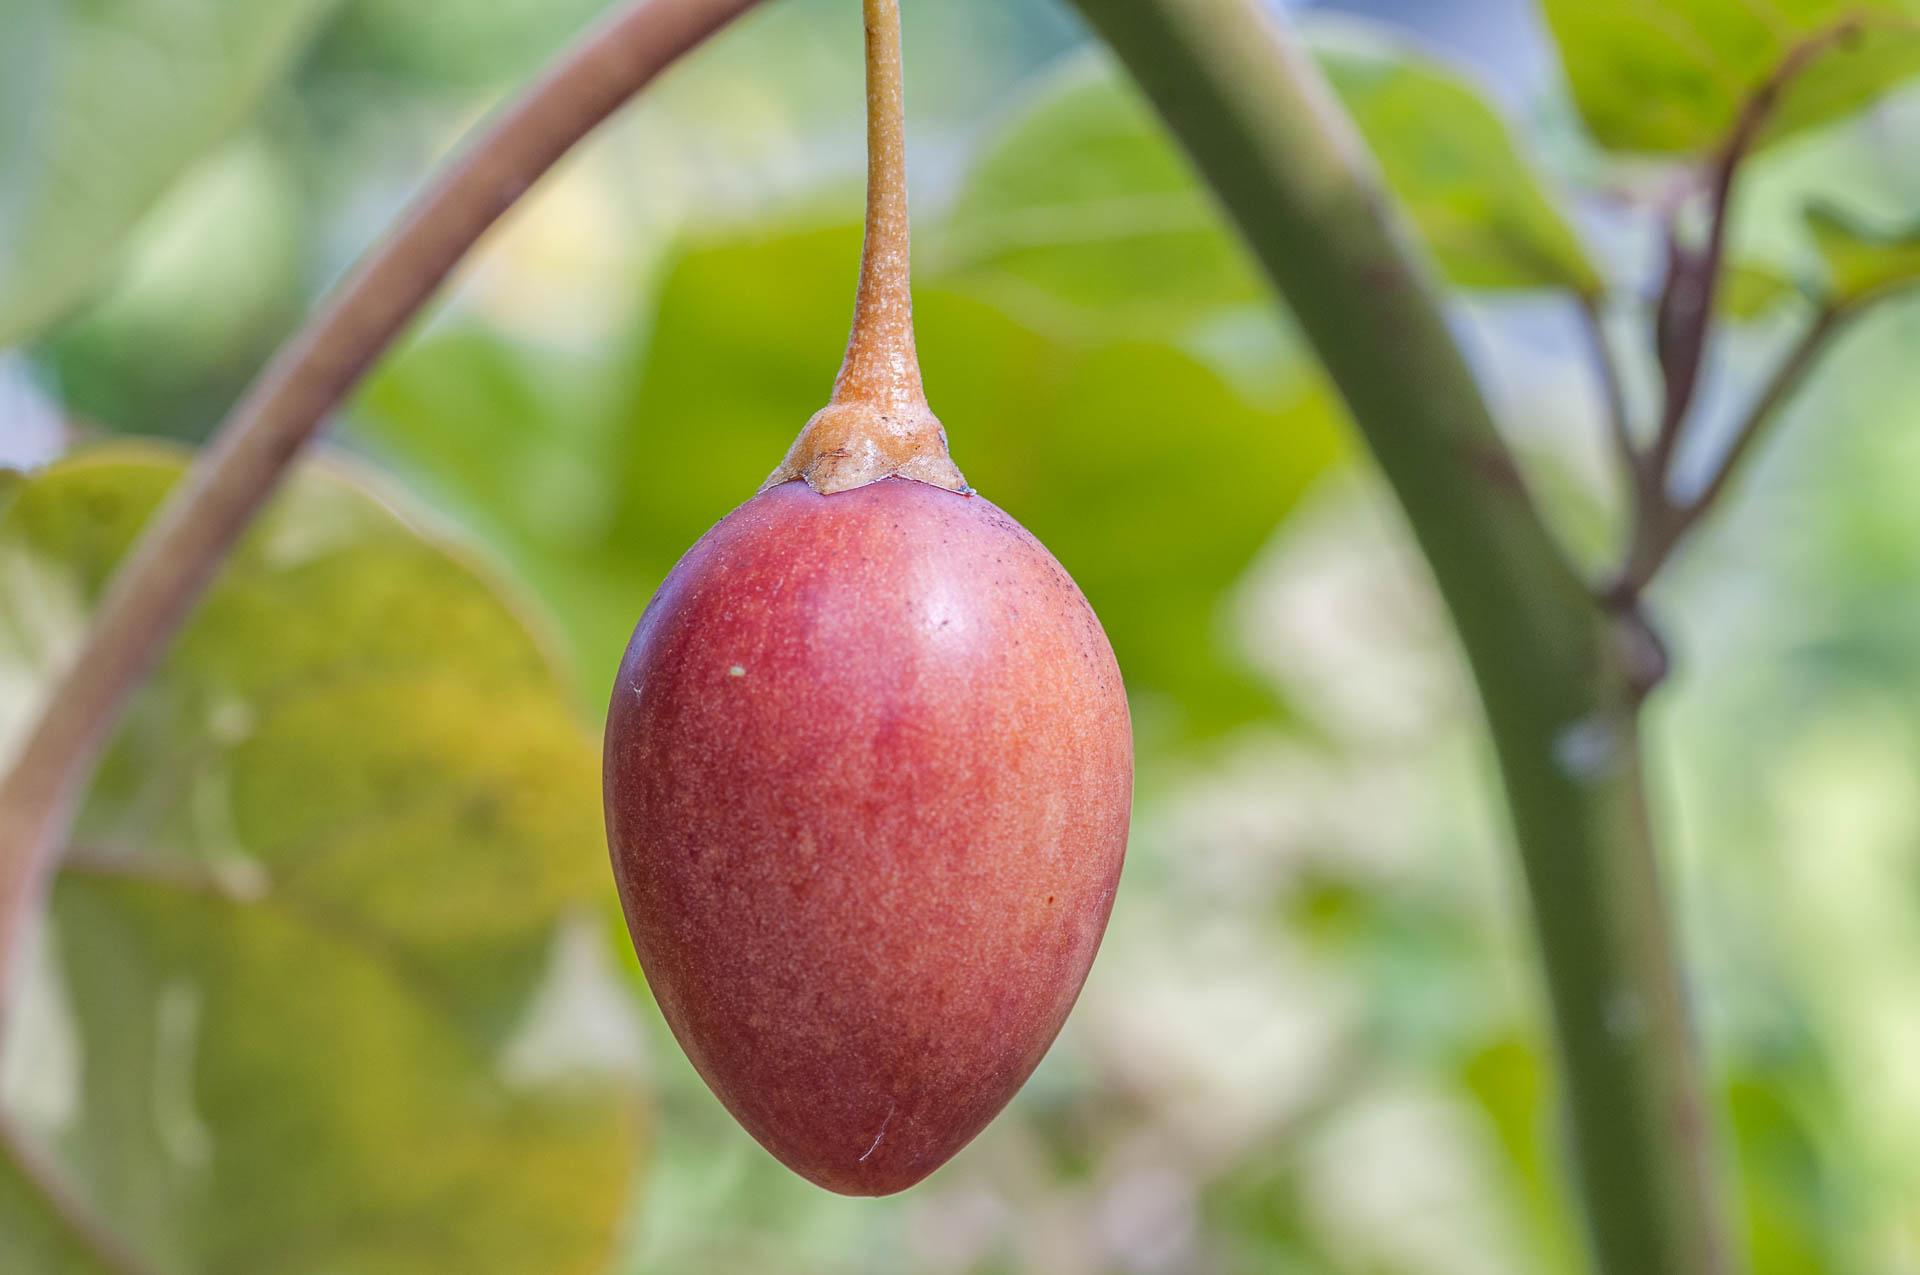 Solanum-betaceum